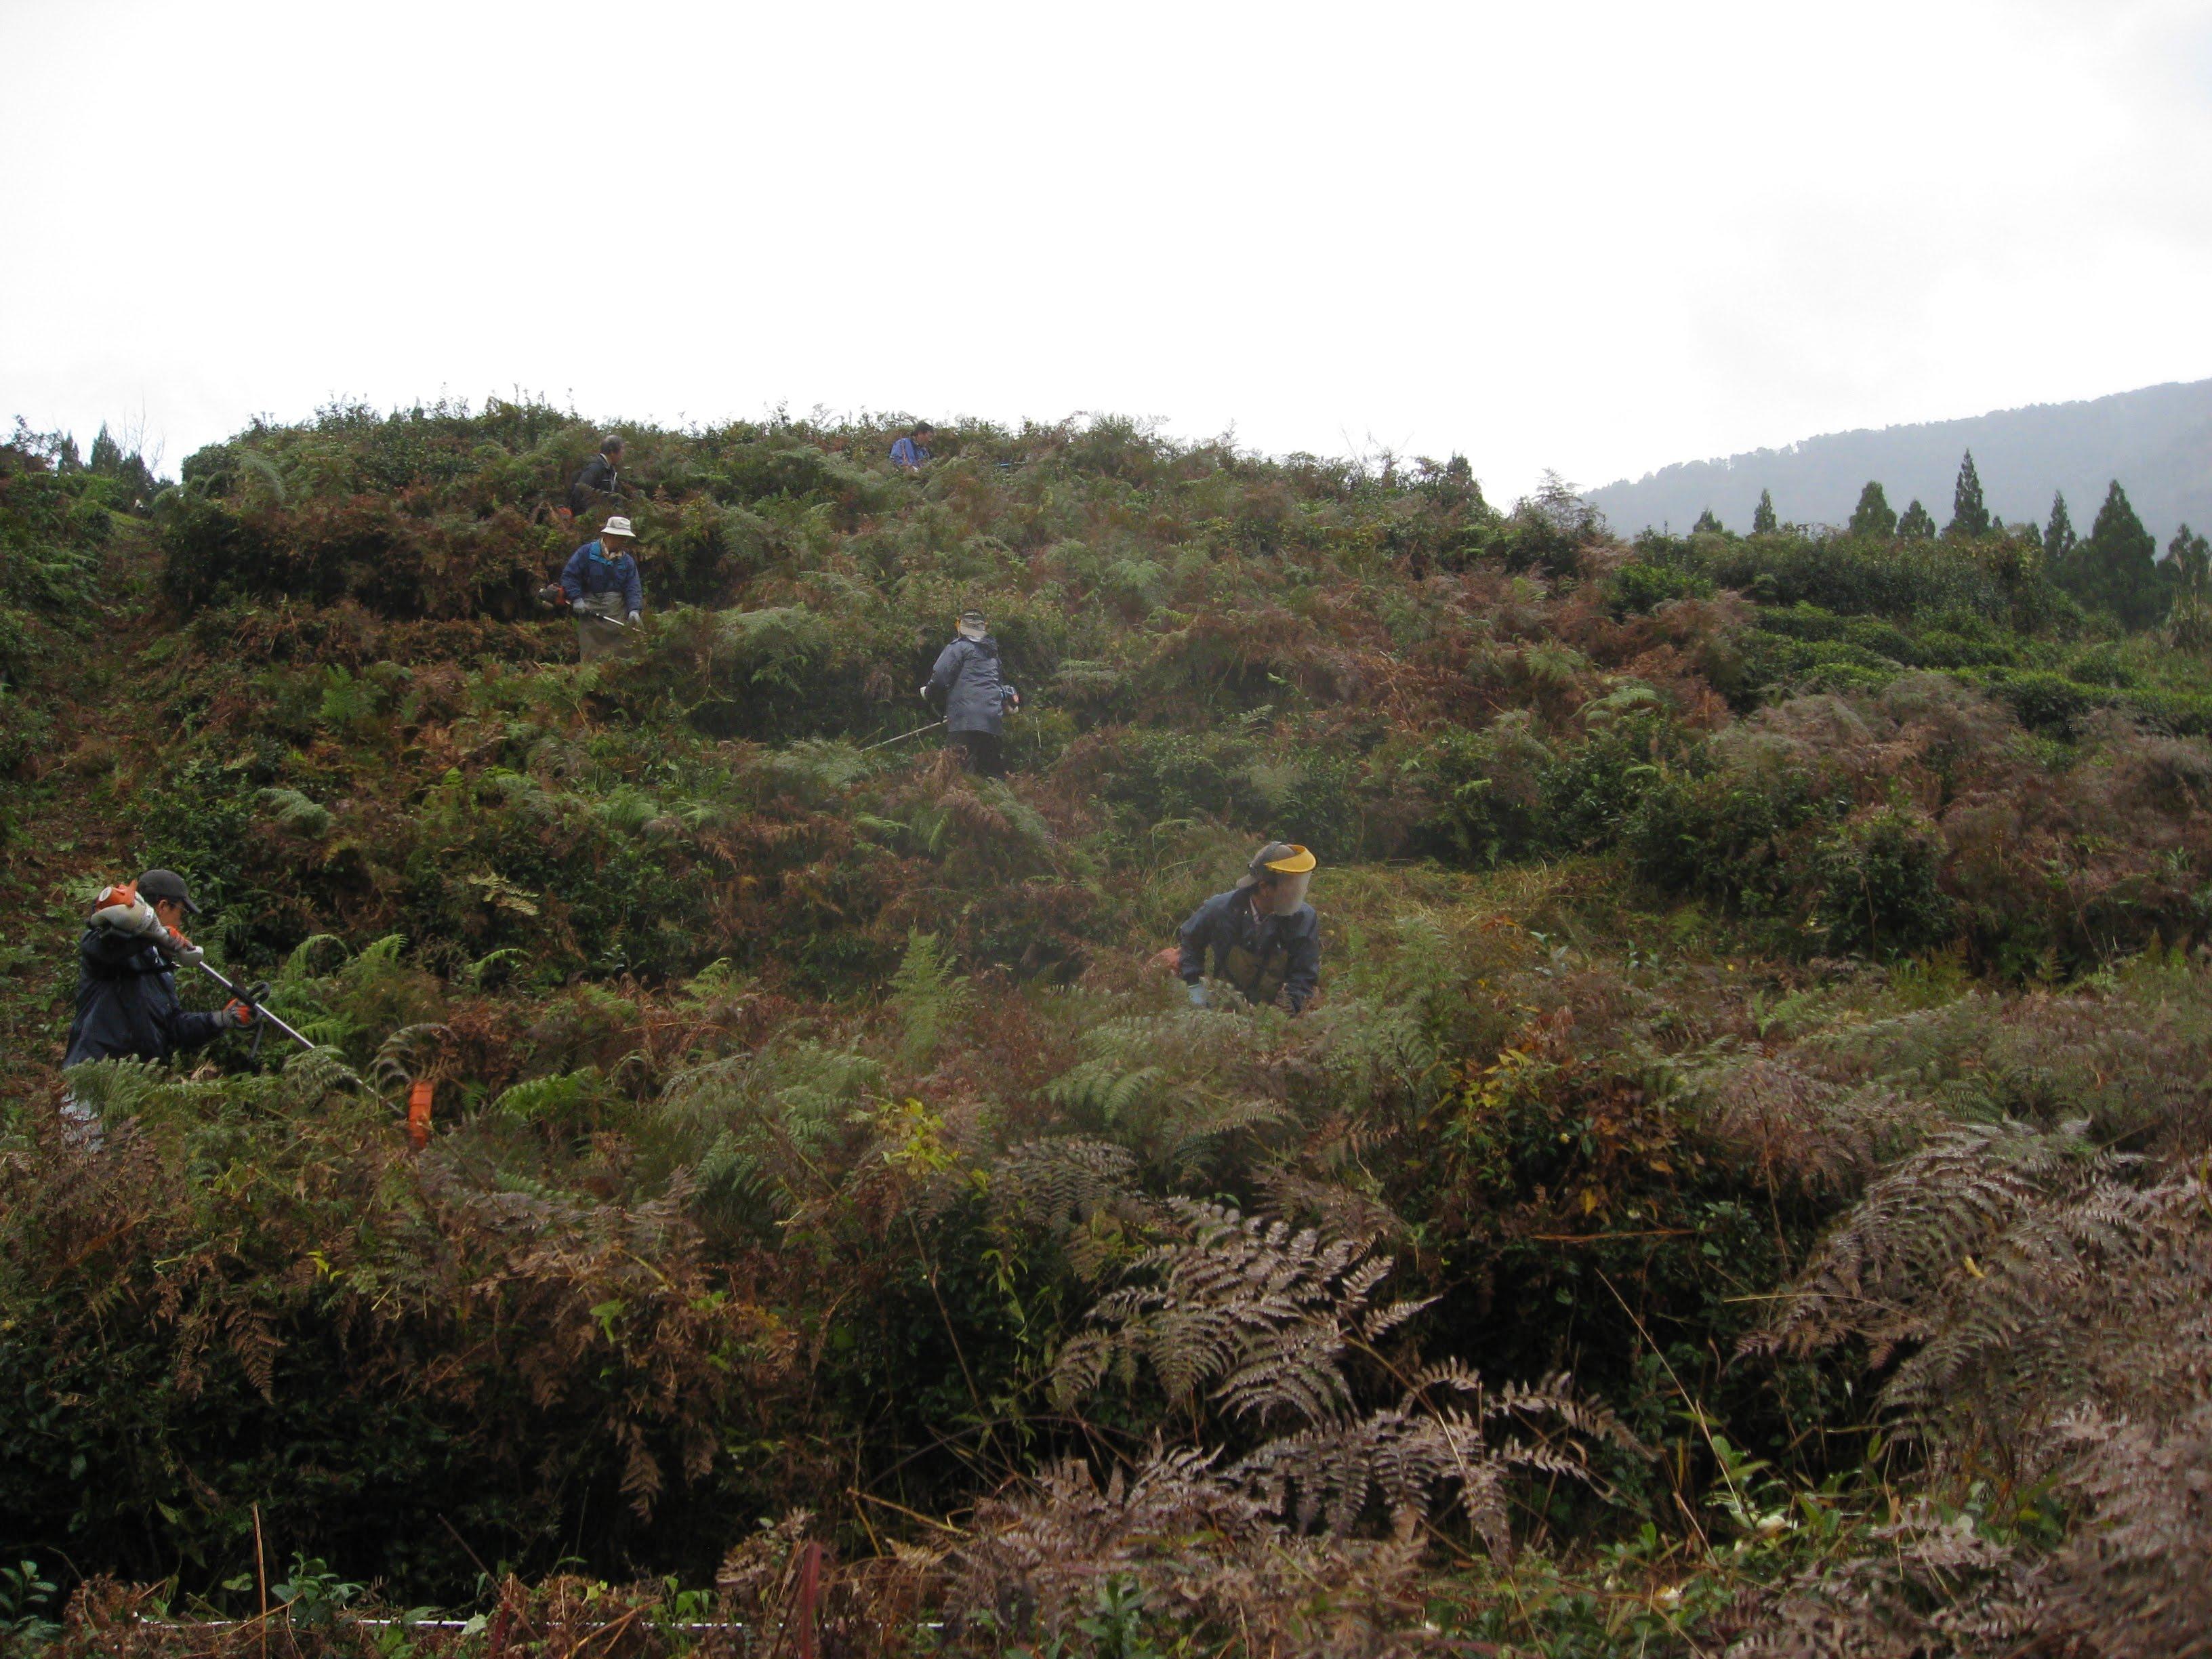 荒廃した茶畑の再生への取り組みを始めた